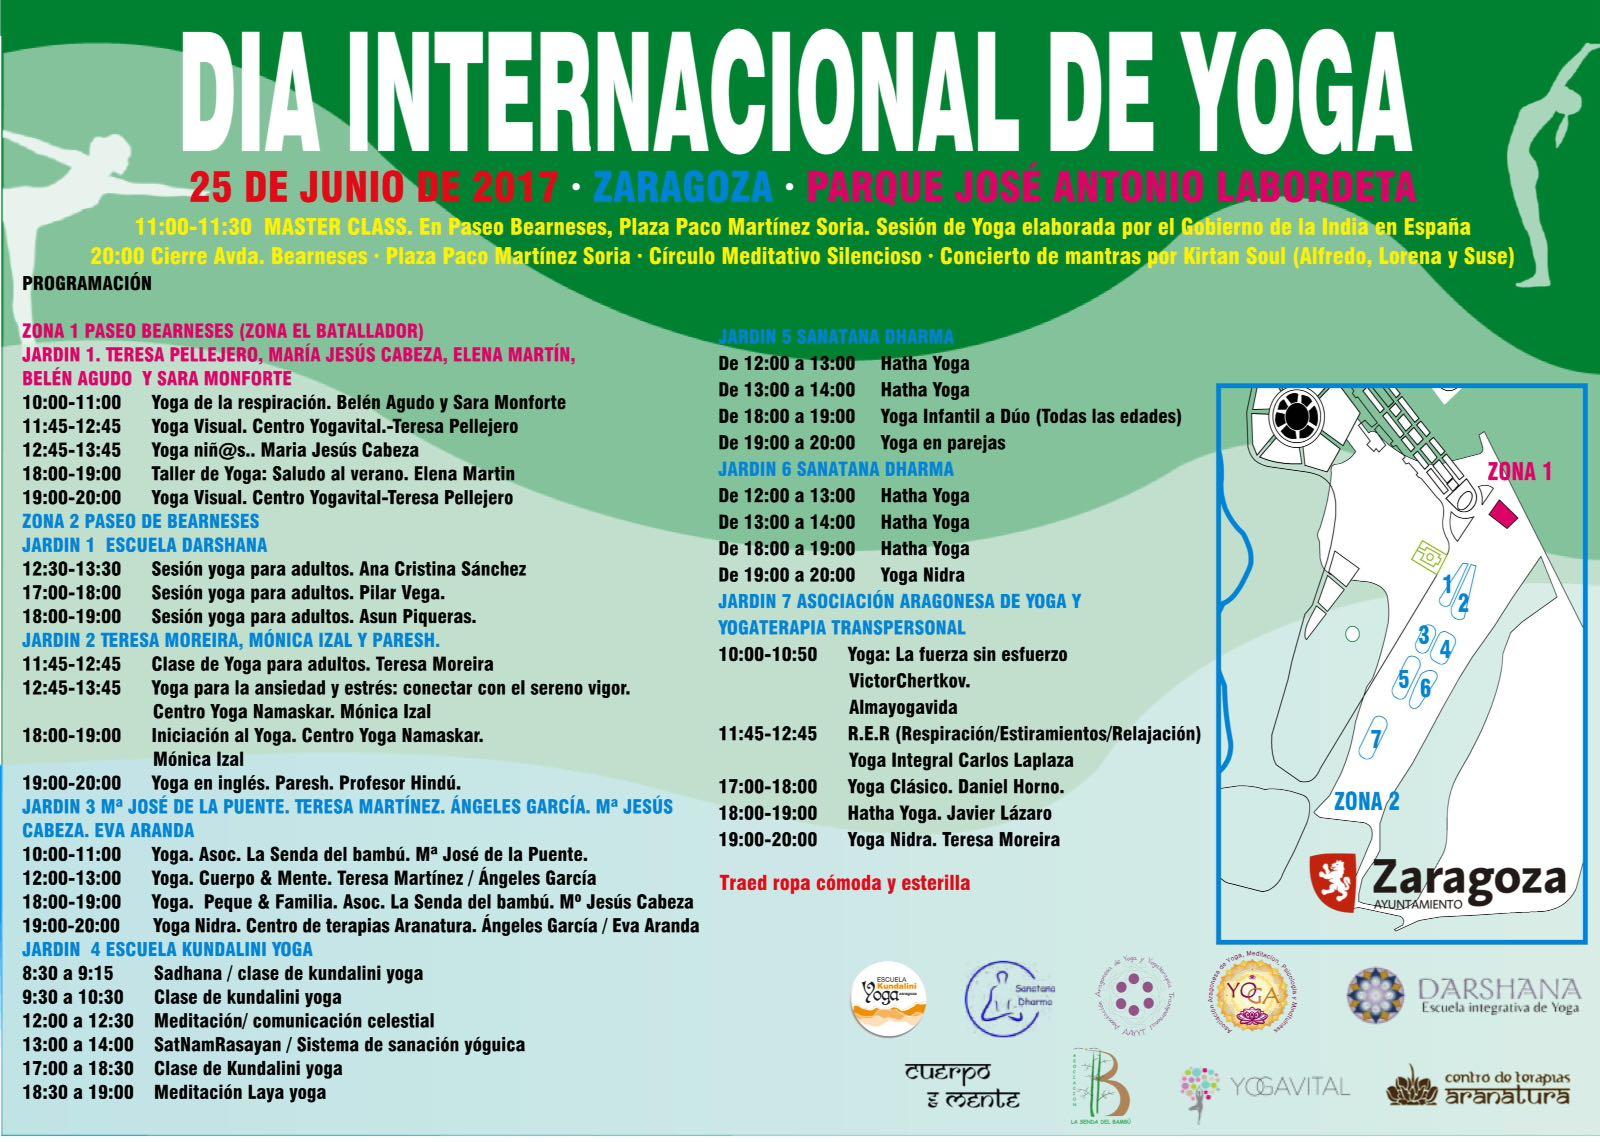 Dia Internacional de Yoga 25 junio 2017 en almayogavida.com